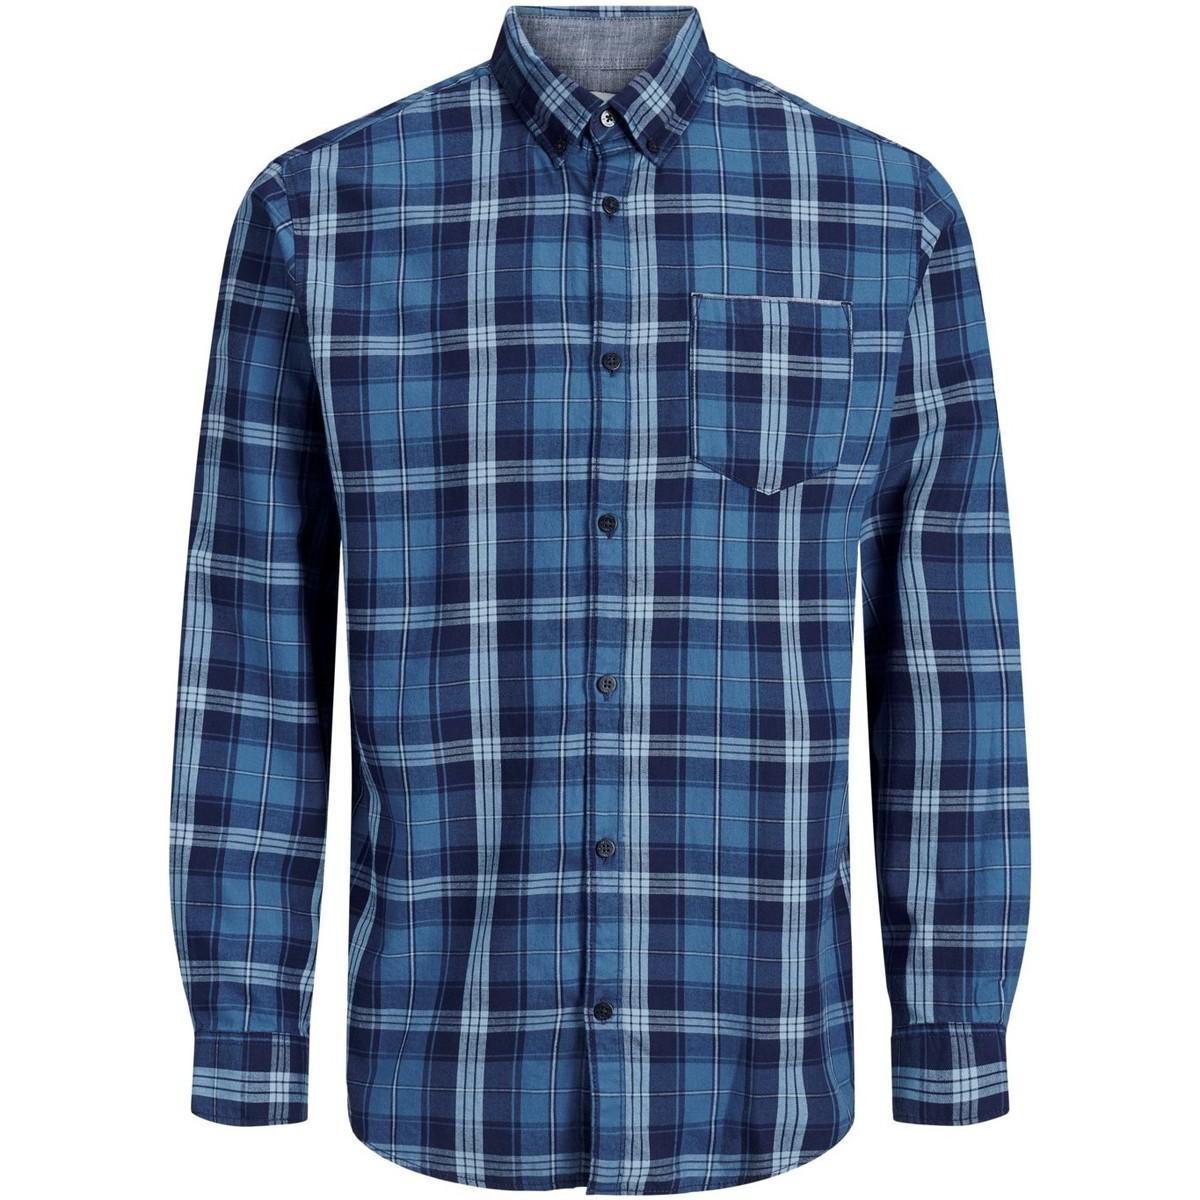 bcc7f49161 Jack   Jones Camisa Jccocentral Shirt Ls One Pocket Men s Long ...